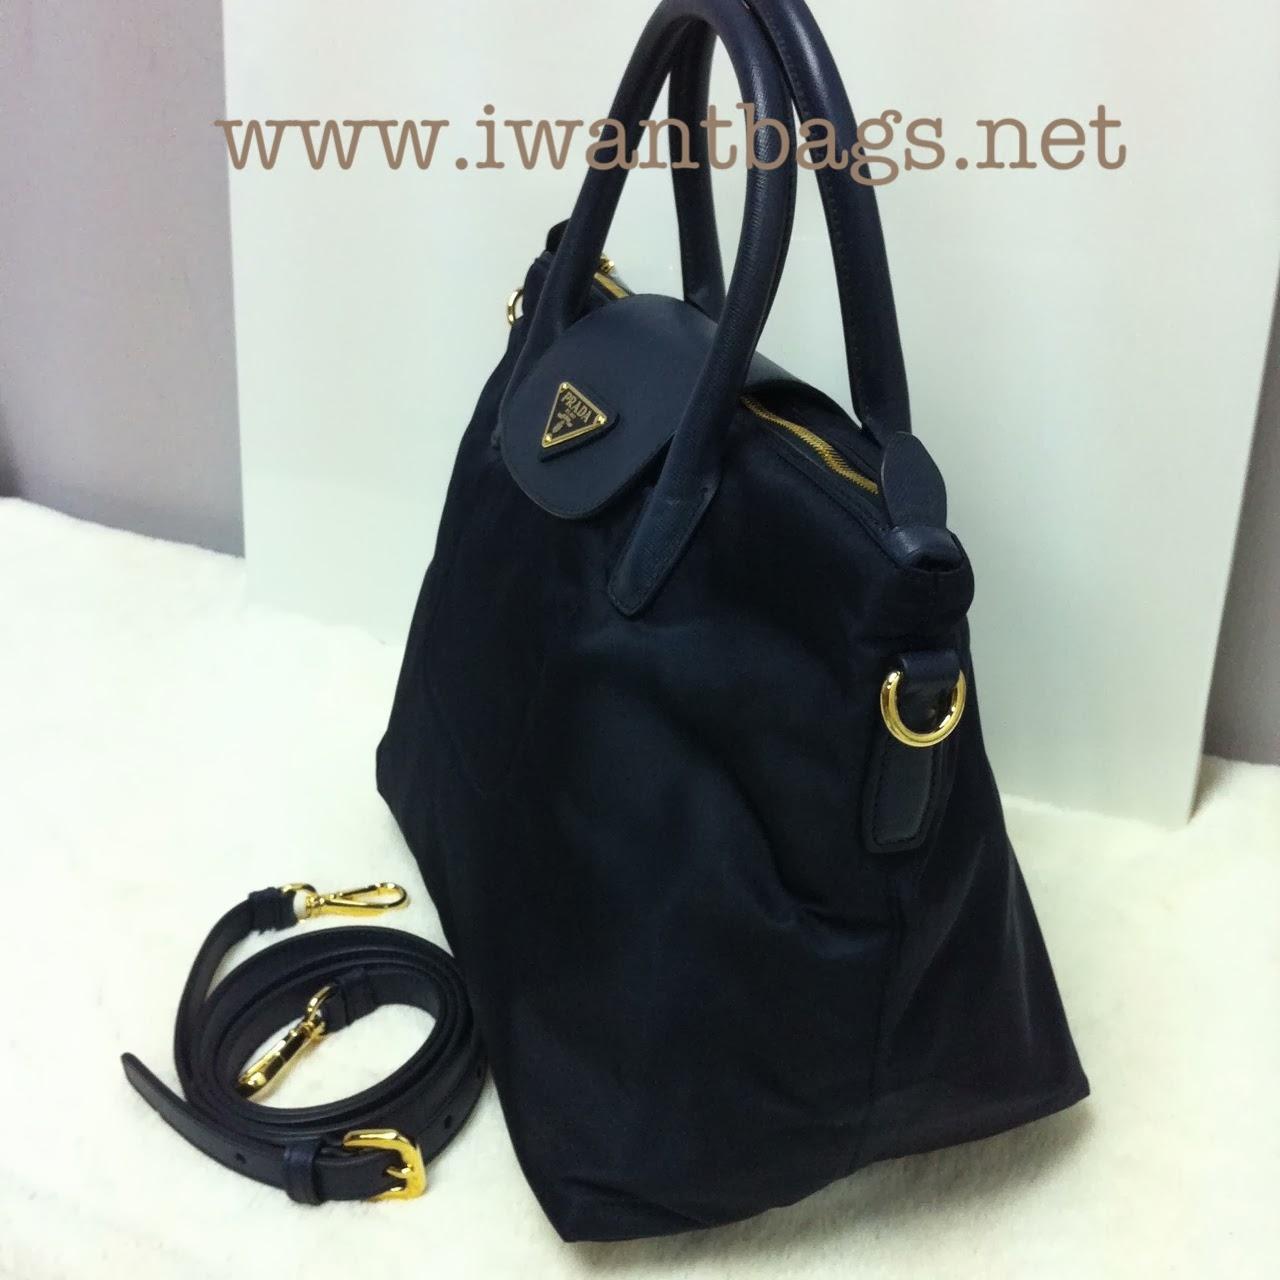 c1876a76ec60 ... shopping prada hobo bag uk prada tessuto saffiano nylon tote prada tote  bag d3689 b147e